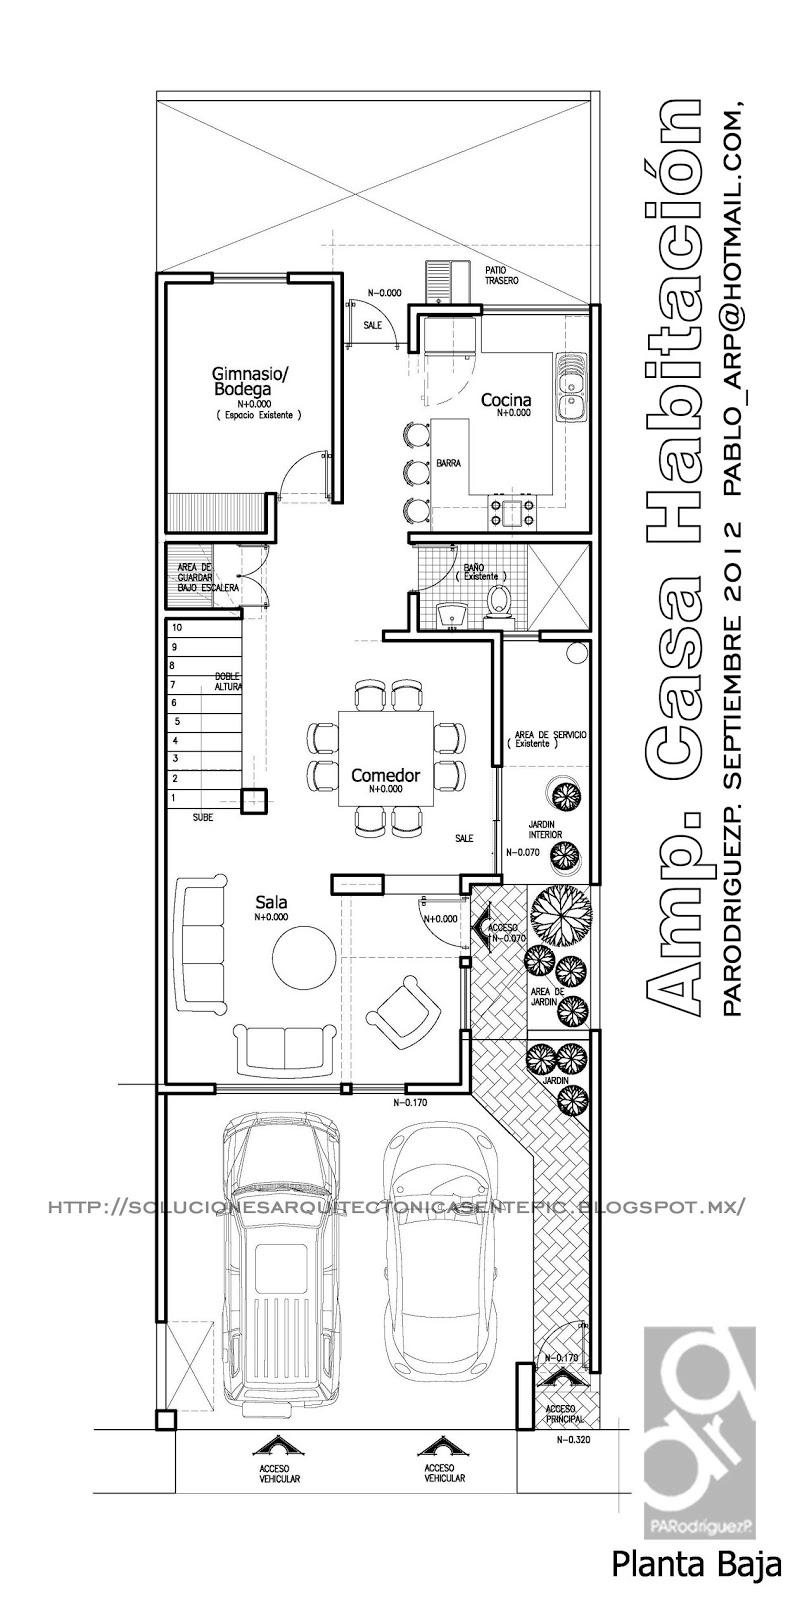 Soluciones arquitectonicas remodelaci n de casa for Que es una planta arquitectonica